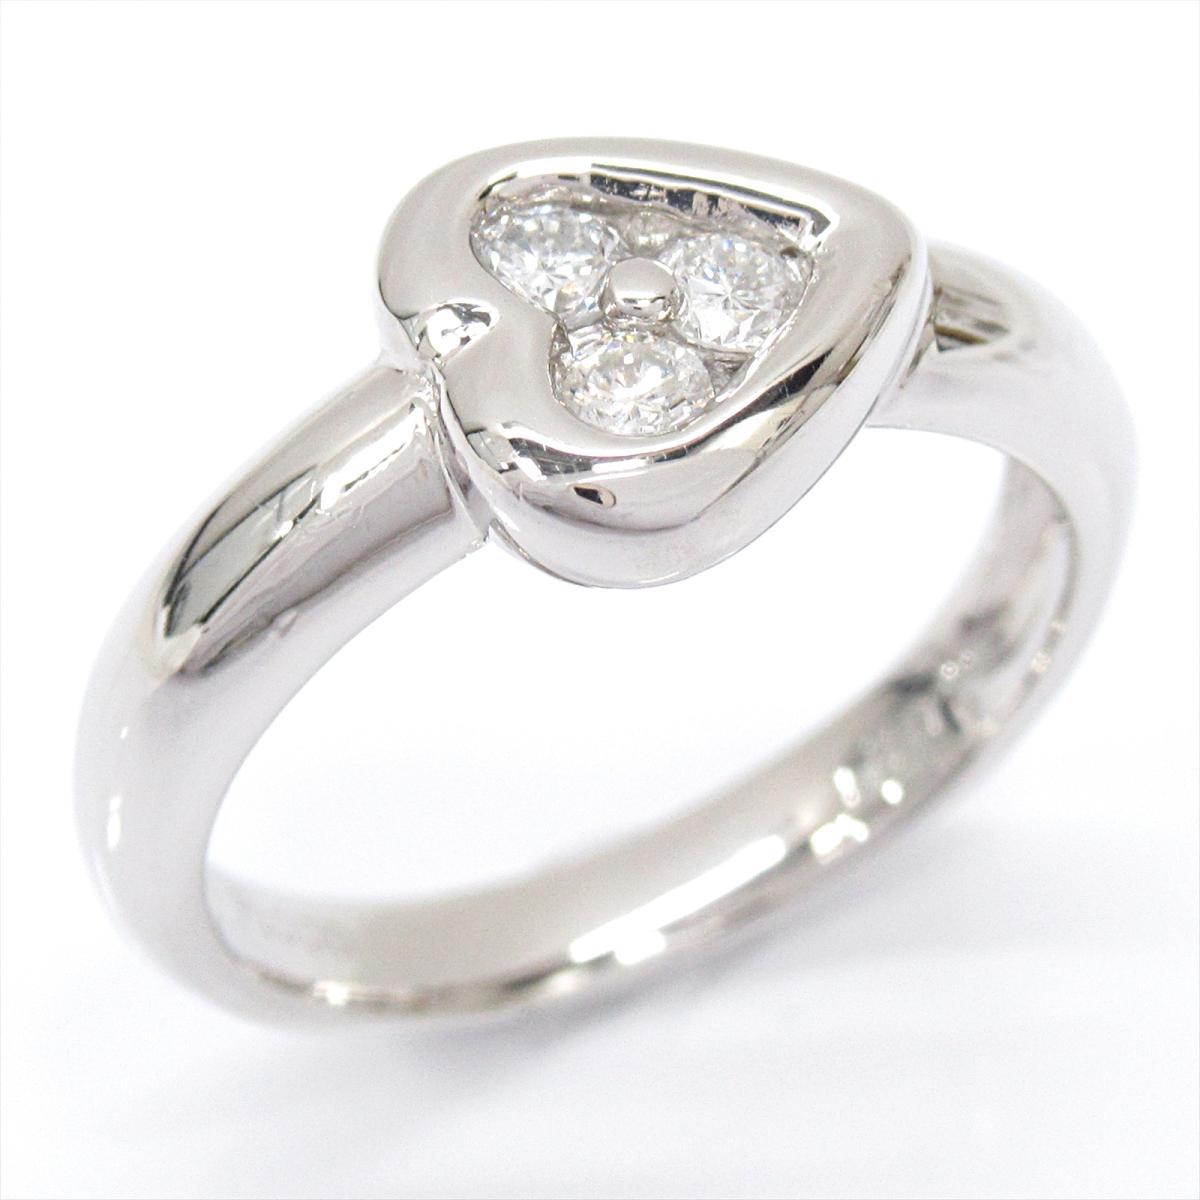 ジュエリー ダイヤモンドリング 指輪 ノーブランドジュエリー レディース PT900 プラチナxダイヤモンド (0.21ct) 【中古】 | JEWELRY BRANDOFF ブランドオフ アクセサリー リング